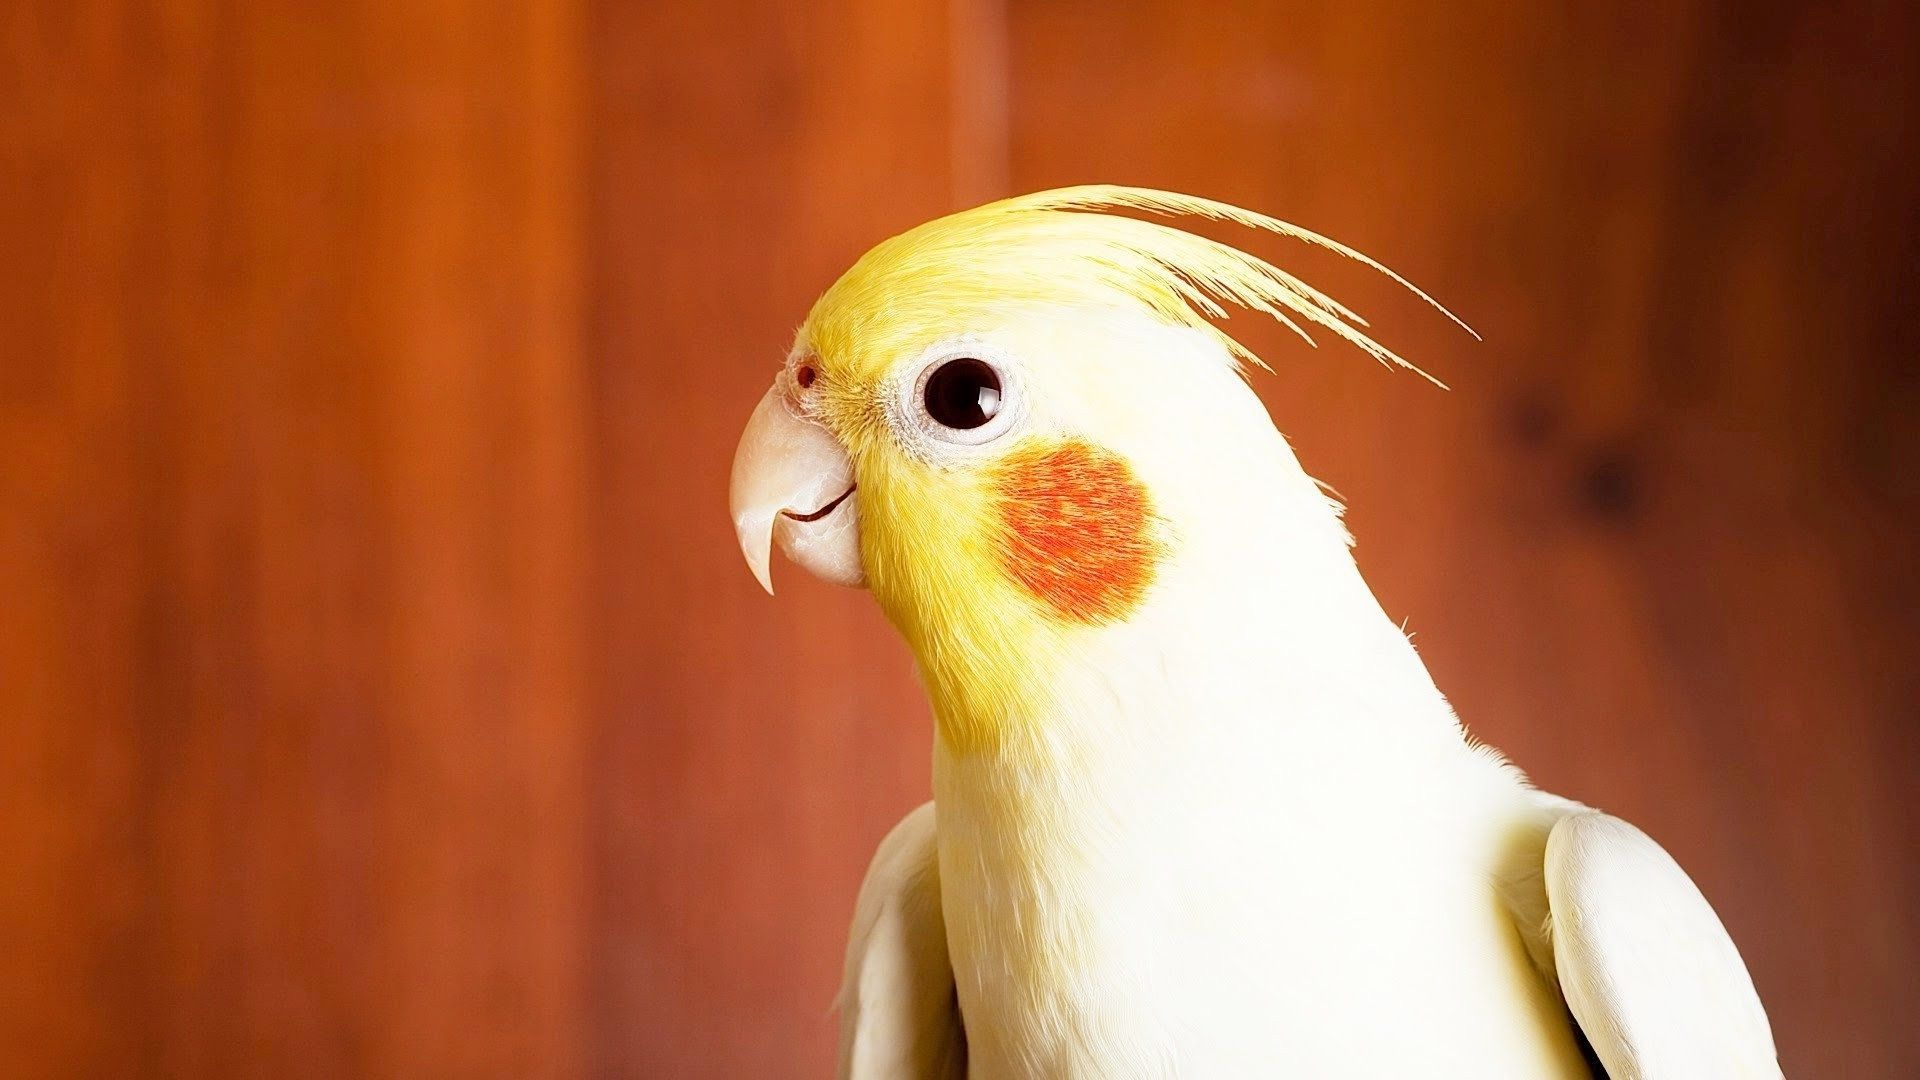 parrot hd images